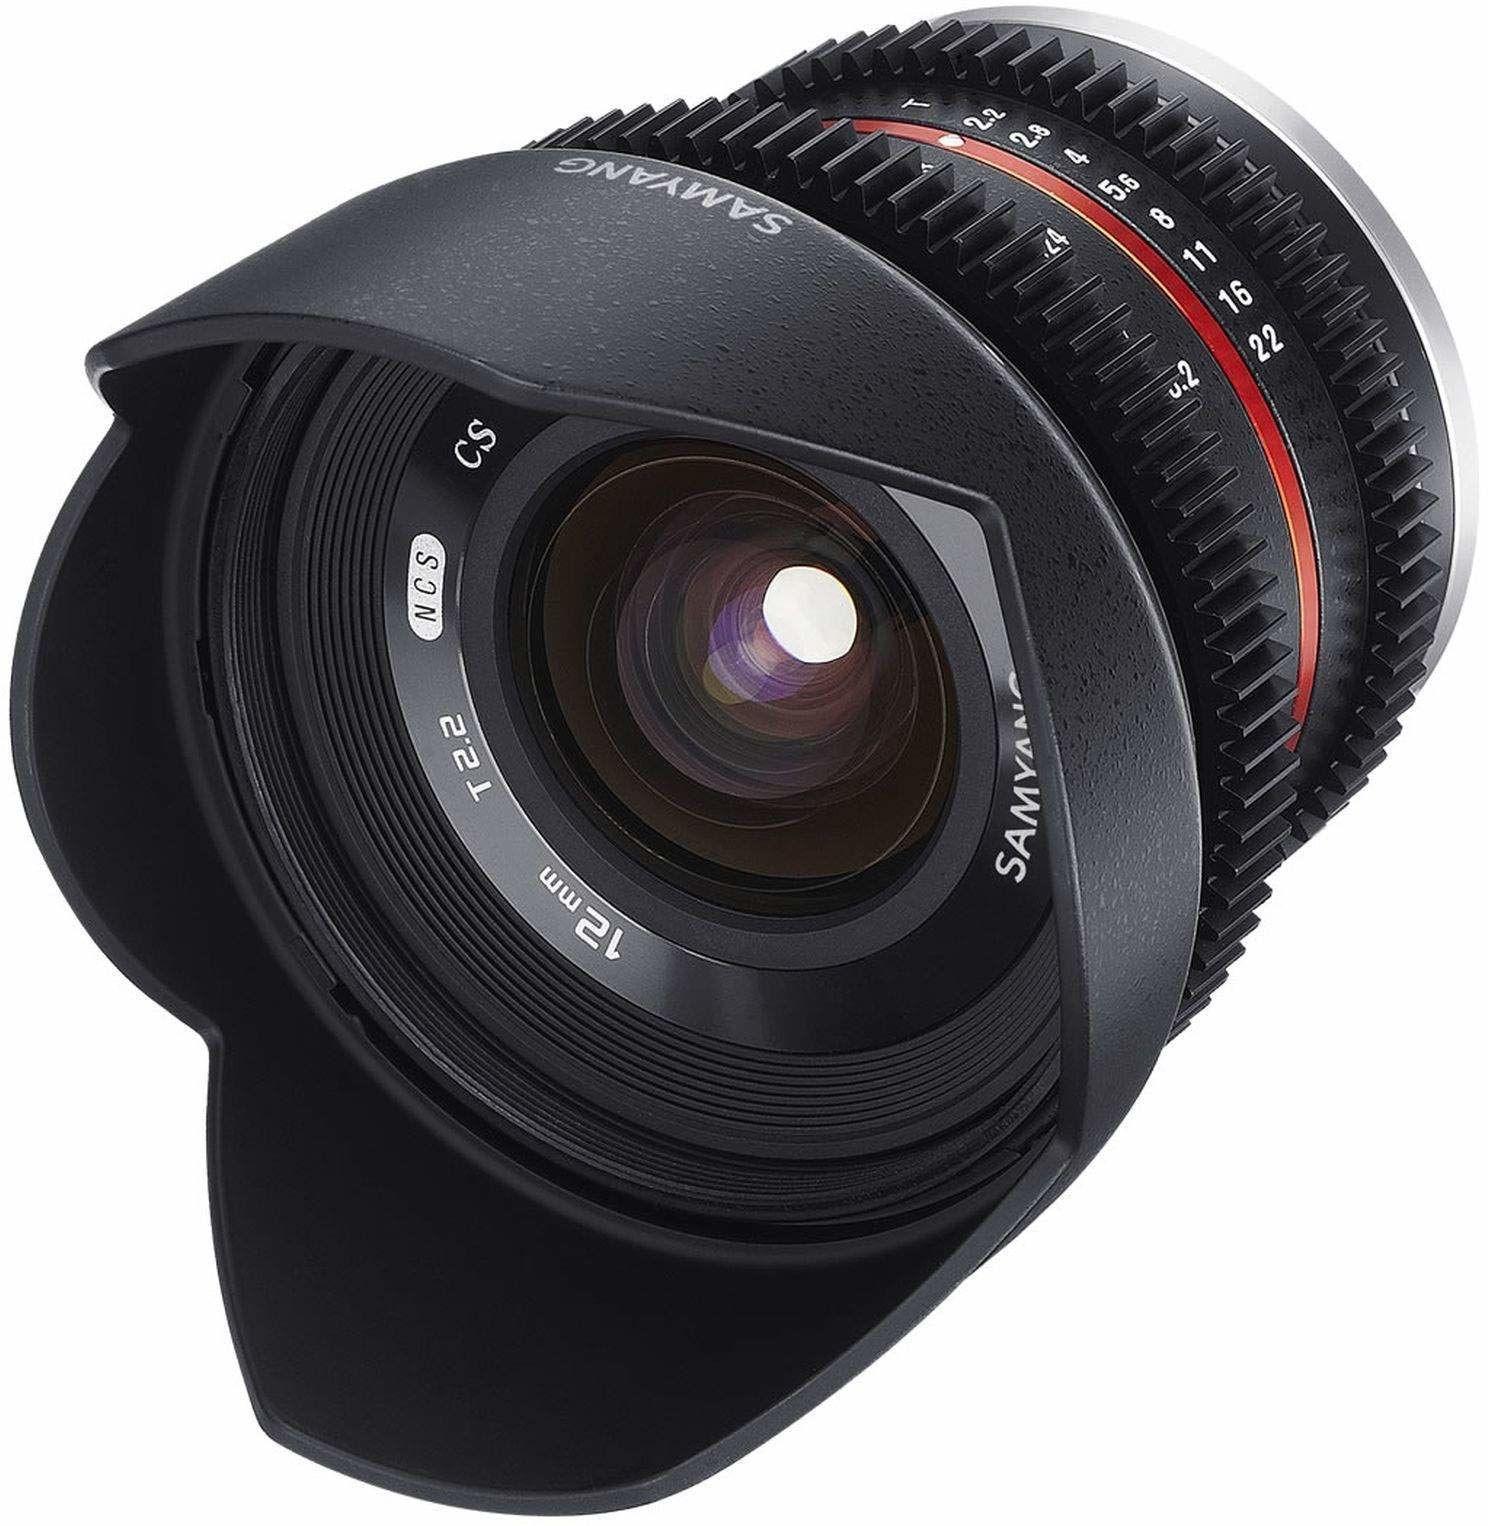 Samyang 12 mm T2.2 VDSLR ręczna ostrość obiektywu wideo do mikro cztery trzecie